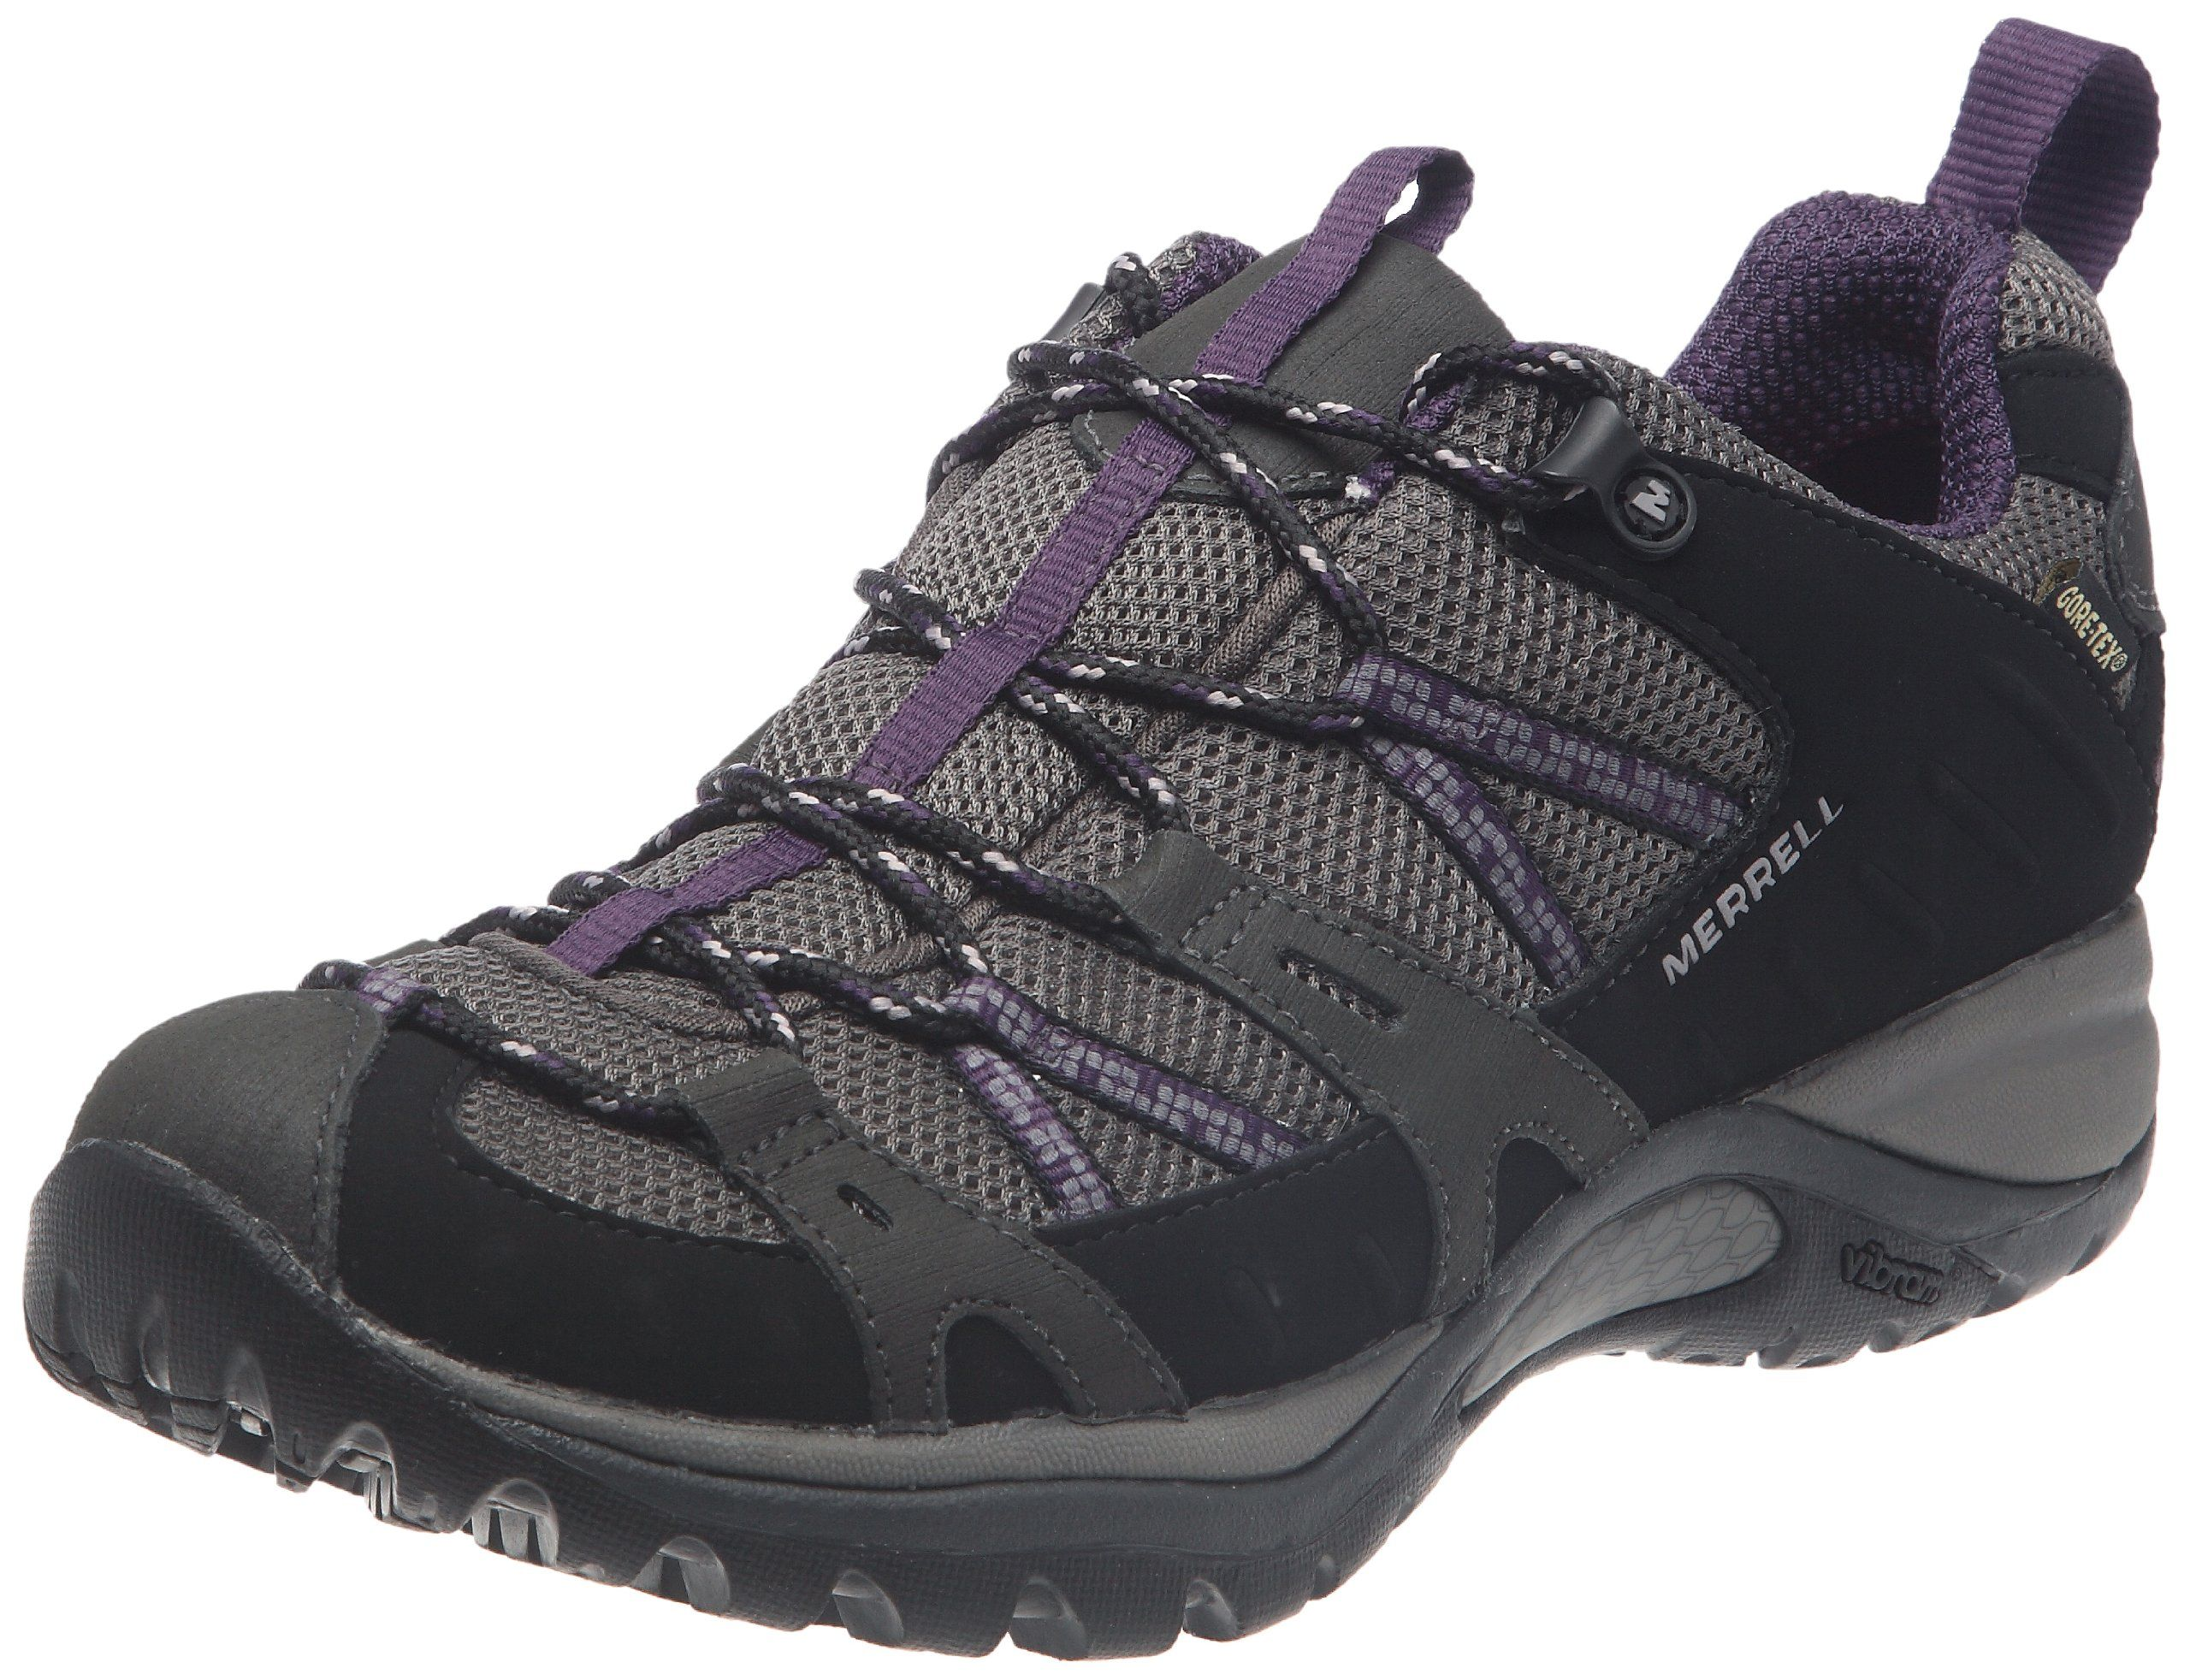 Merrell Siren Sport Gtx - Zapatillas de montaña para mujer: Amazon.es:  Zapatos